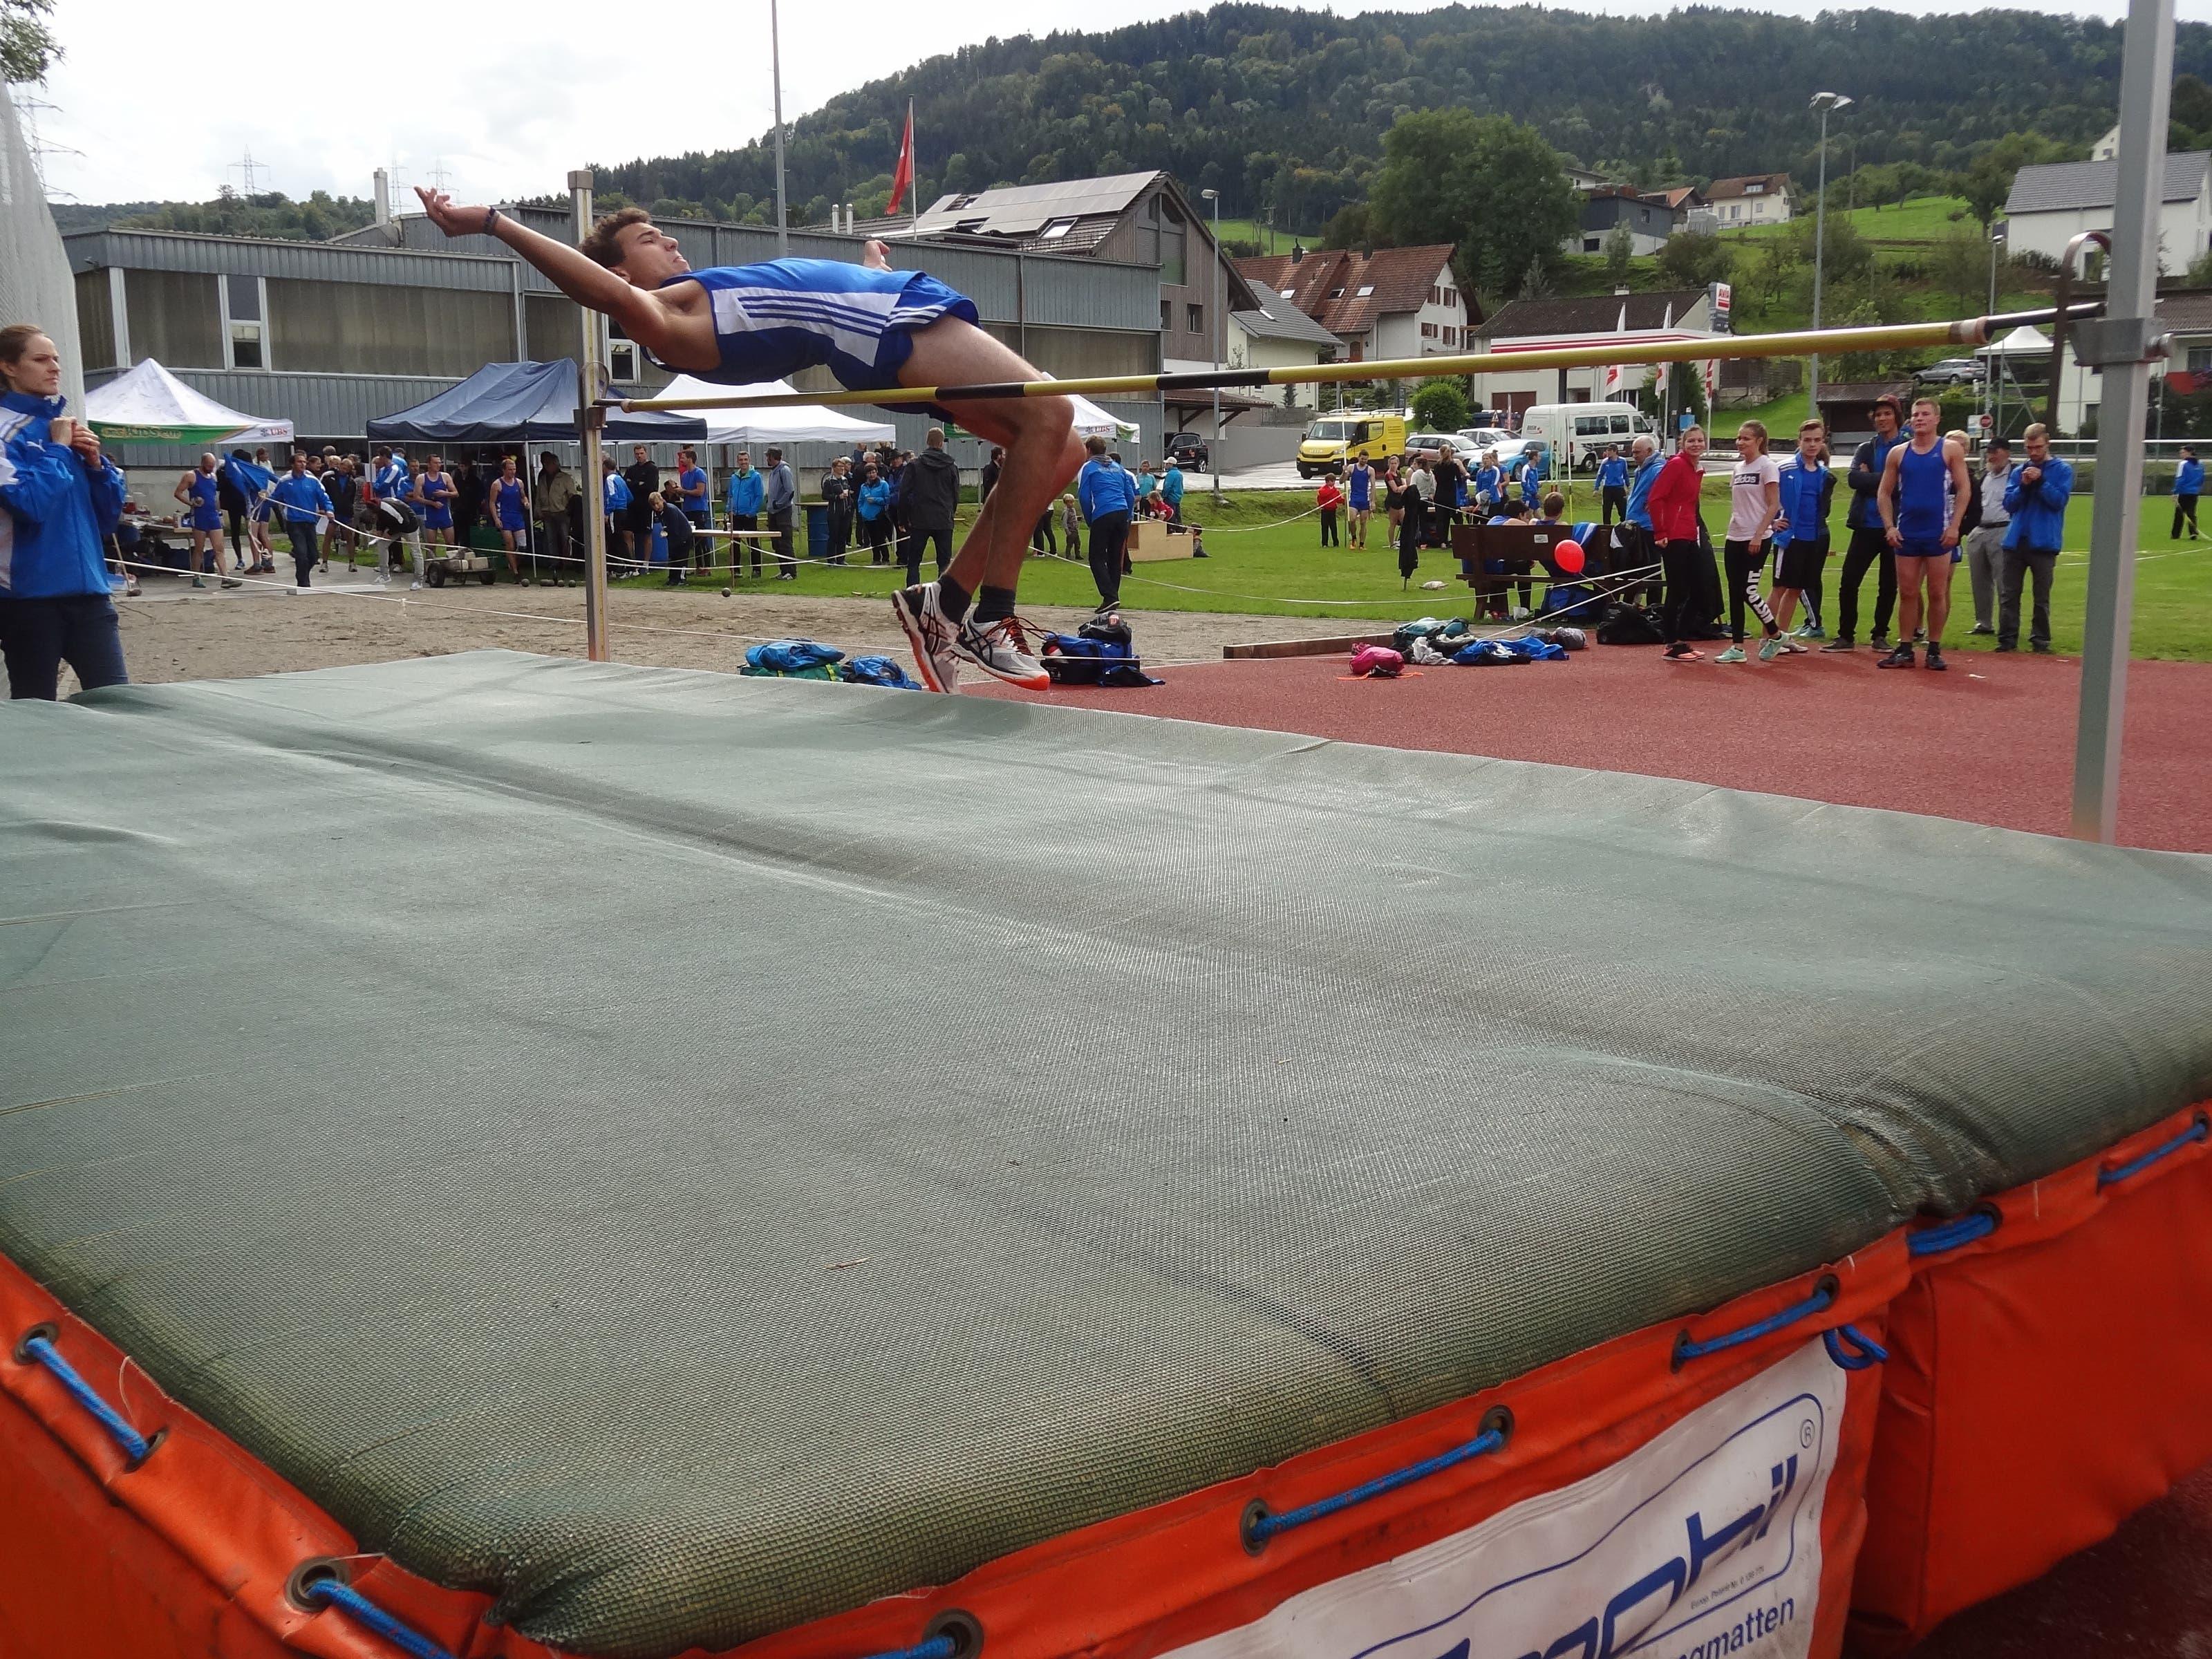 Endturnen Viele Zuschauer unterstützen die Sportler beim Wettkampf.